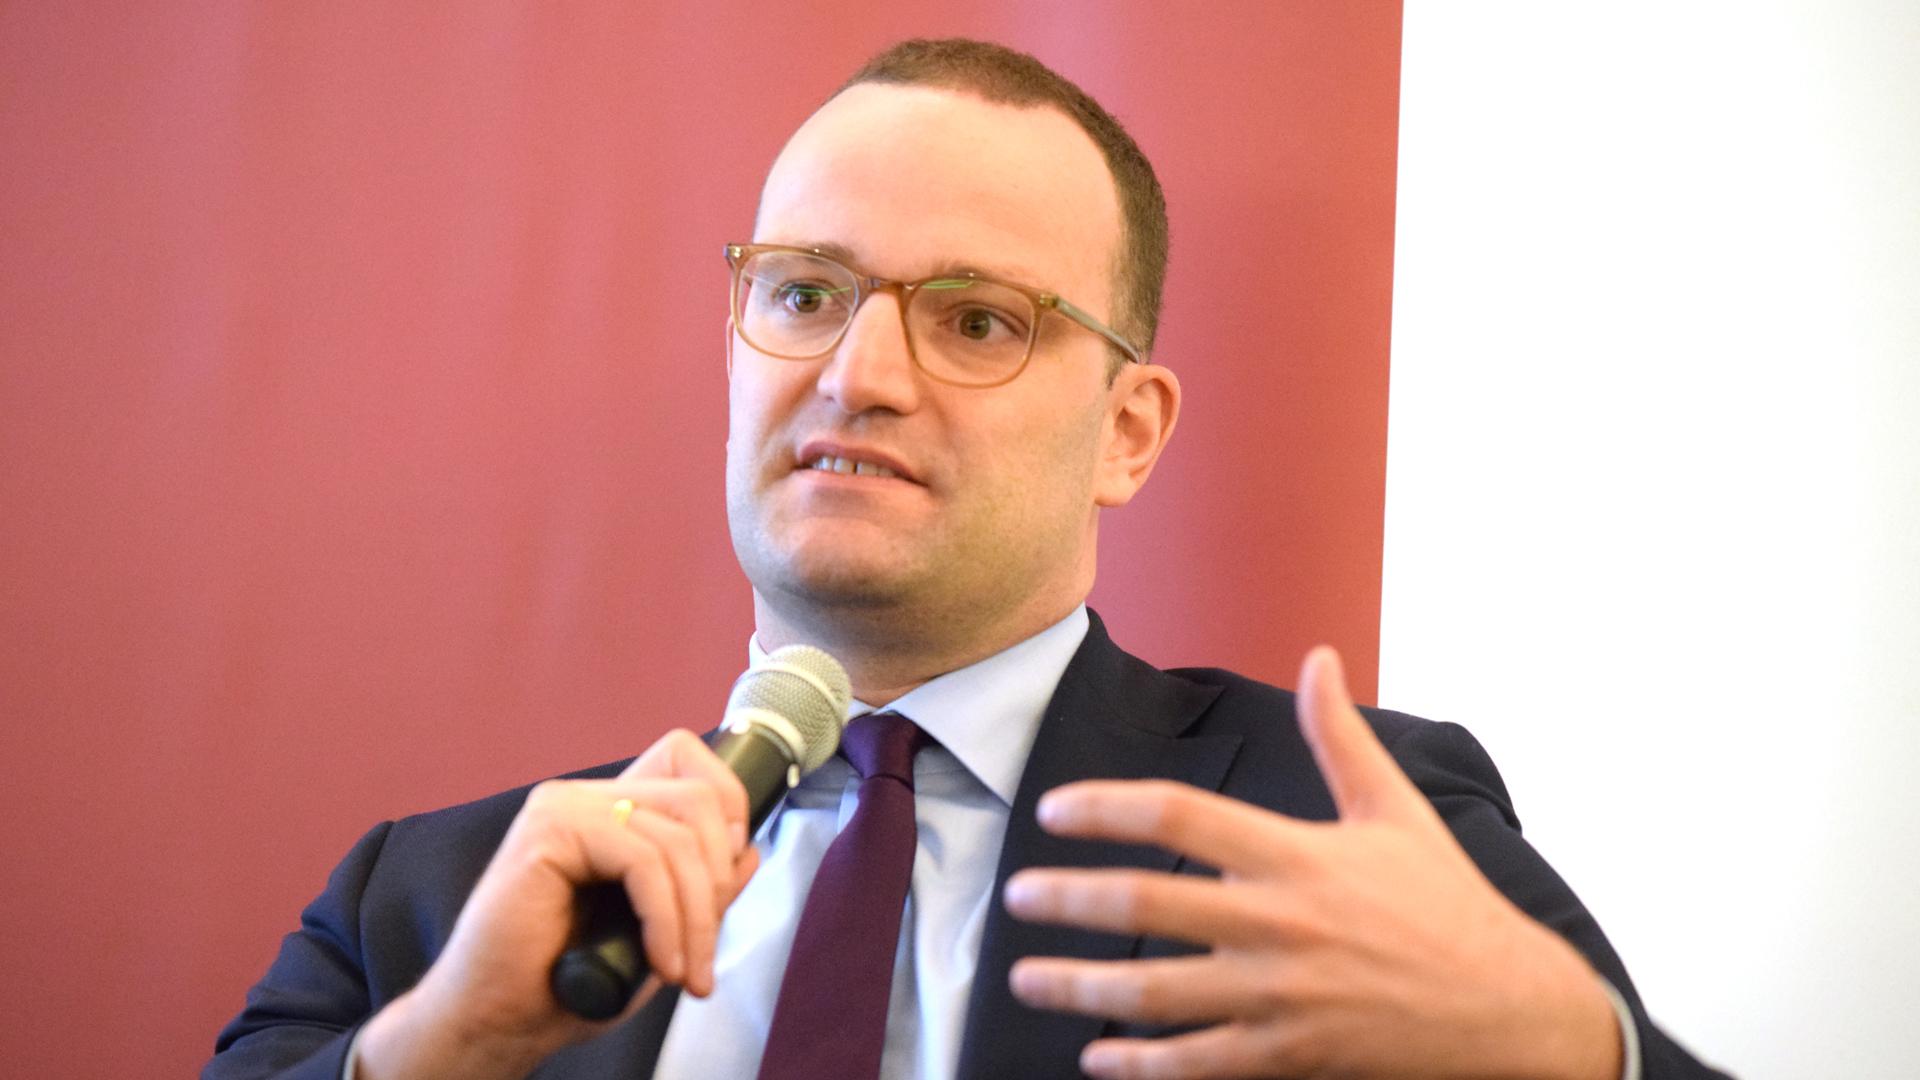 Jens Spahn hat Unterstützer für seine Neuregelung der Organspende. Doch es formieren sich auch Gruppen mit Gegenvorschlägen.